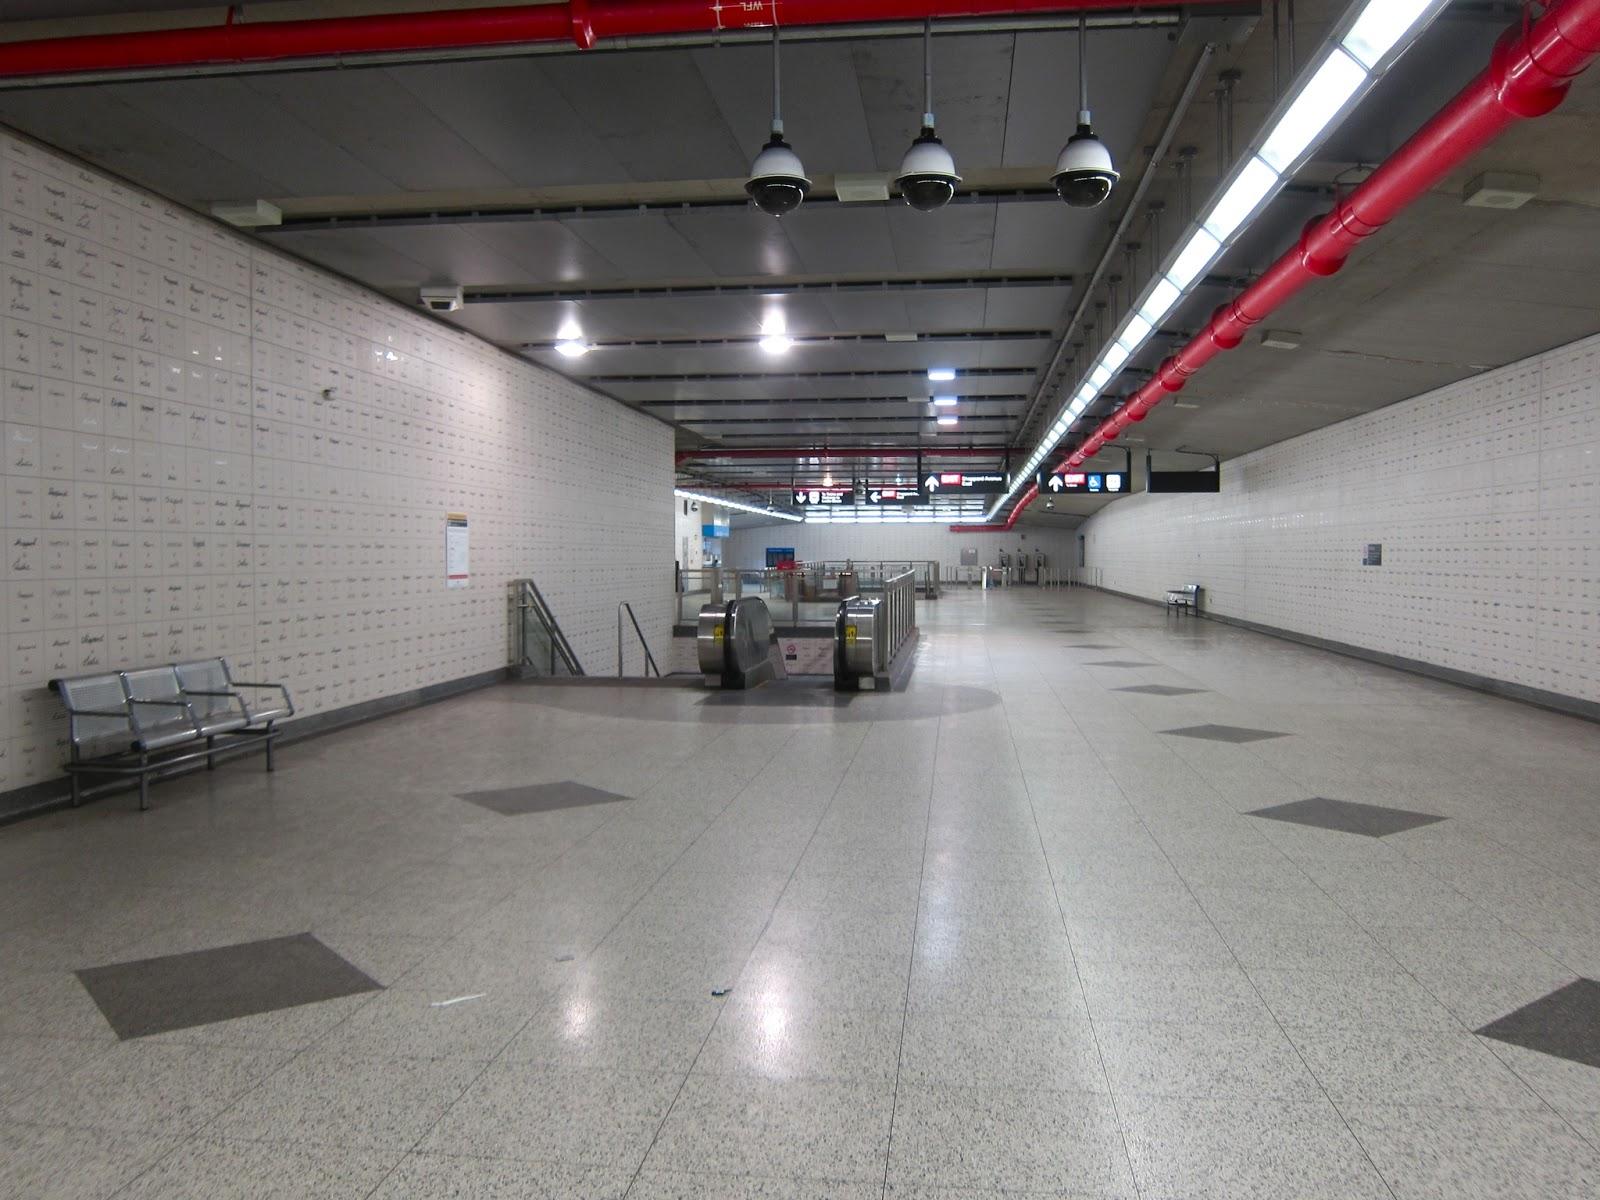 Leslie station concourse